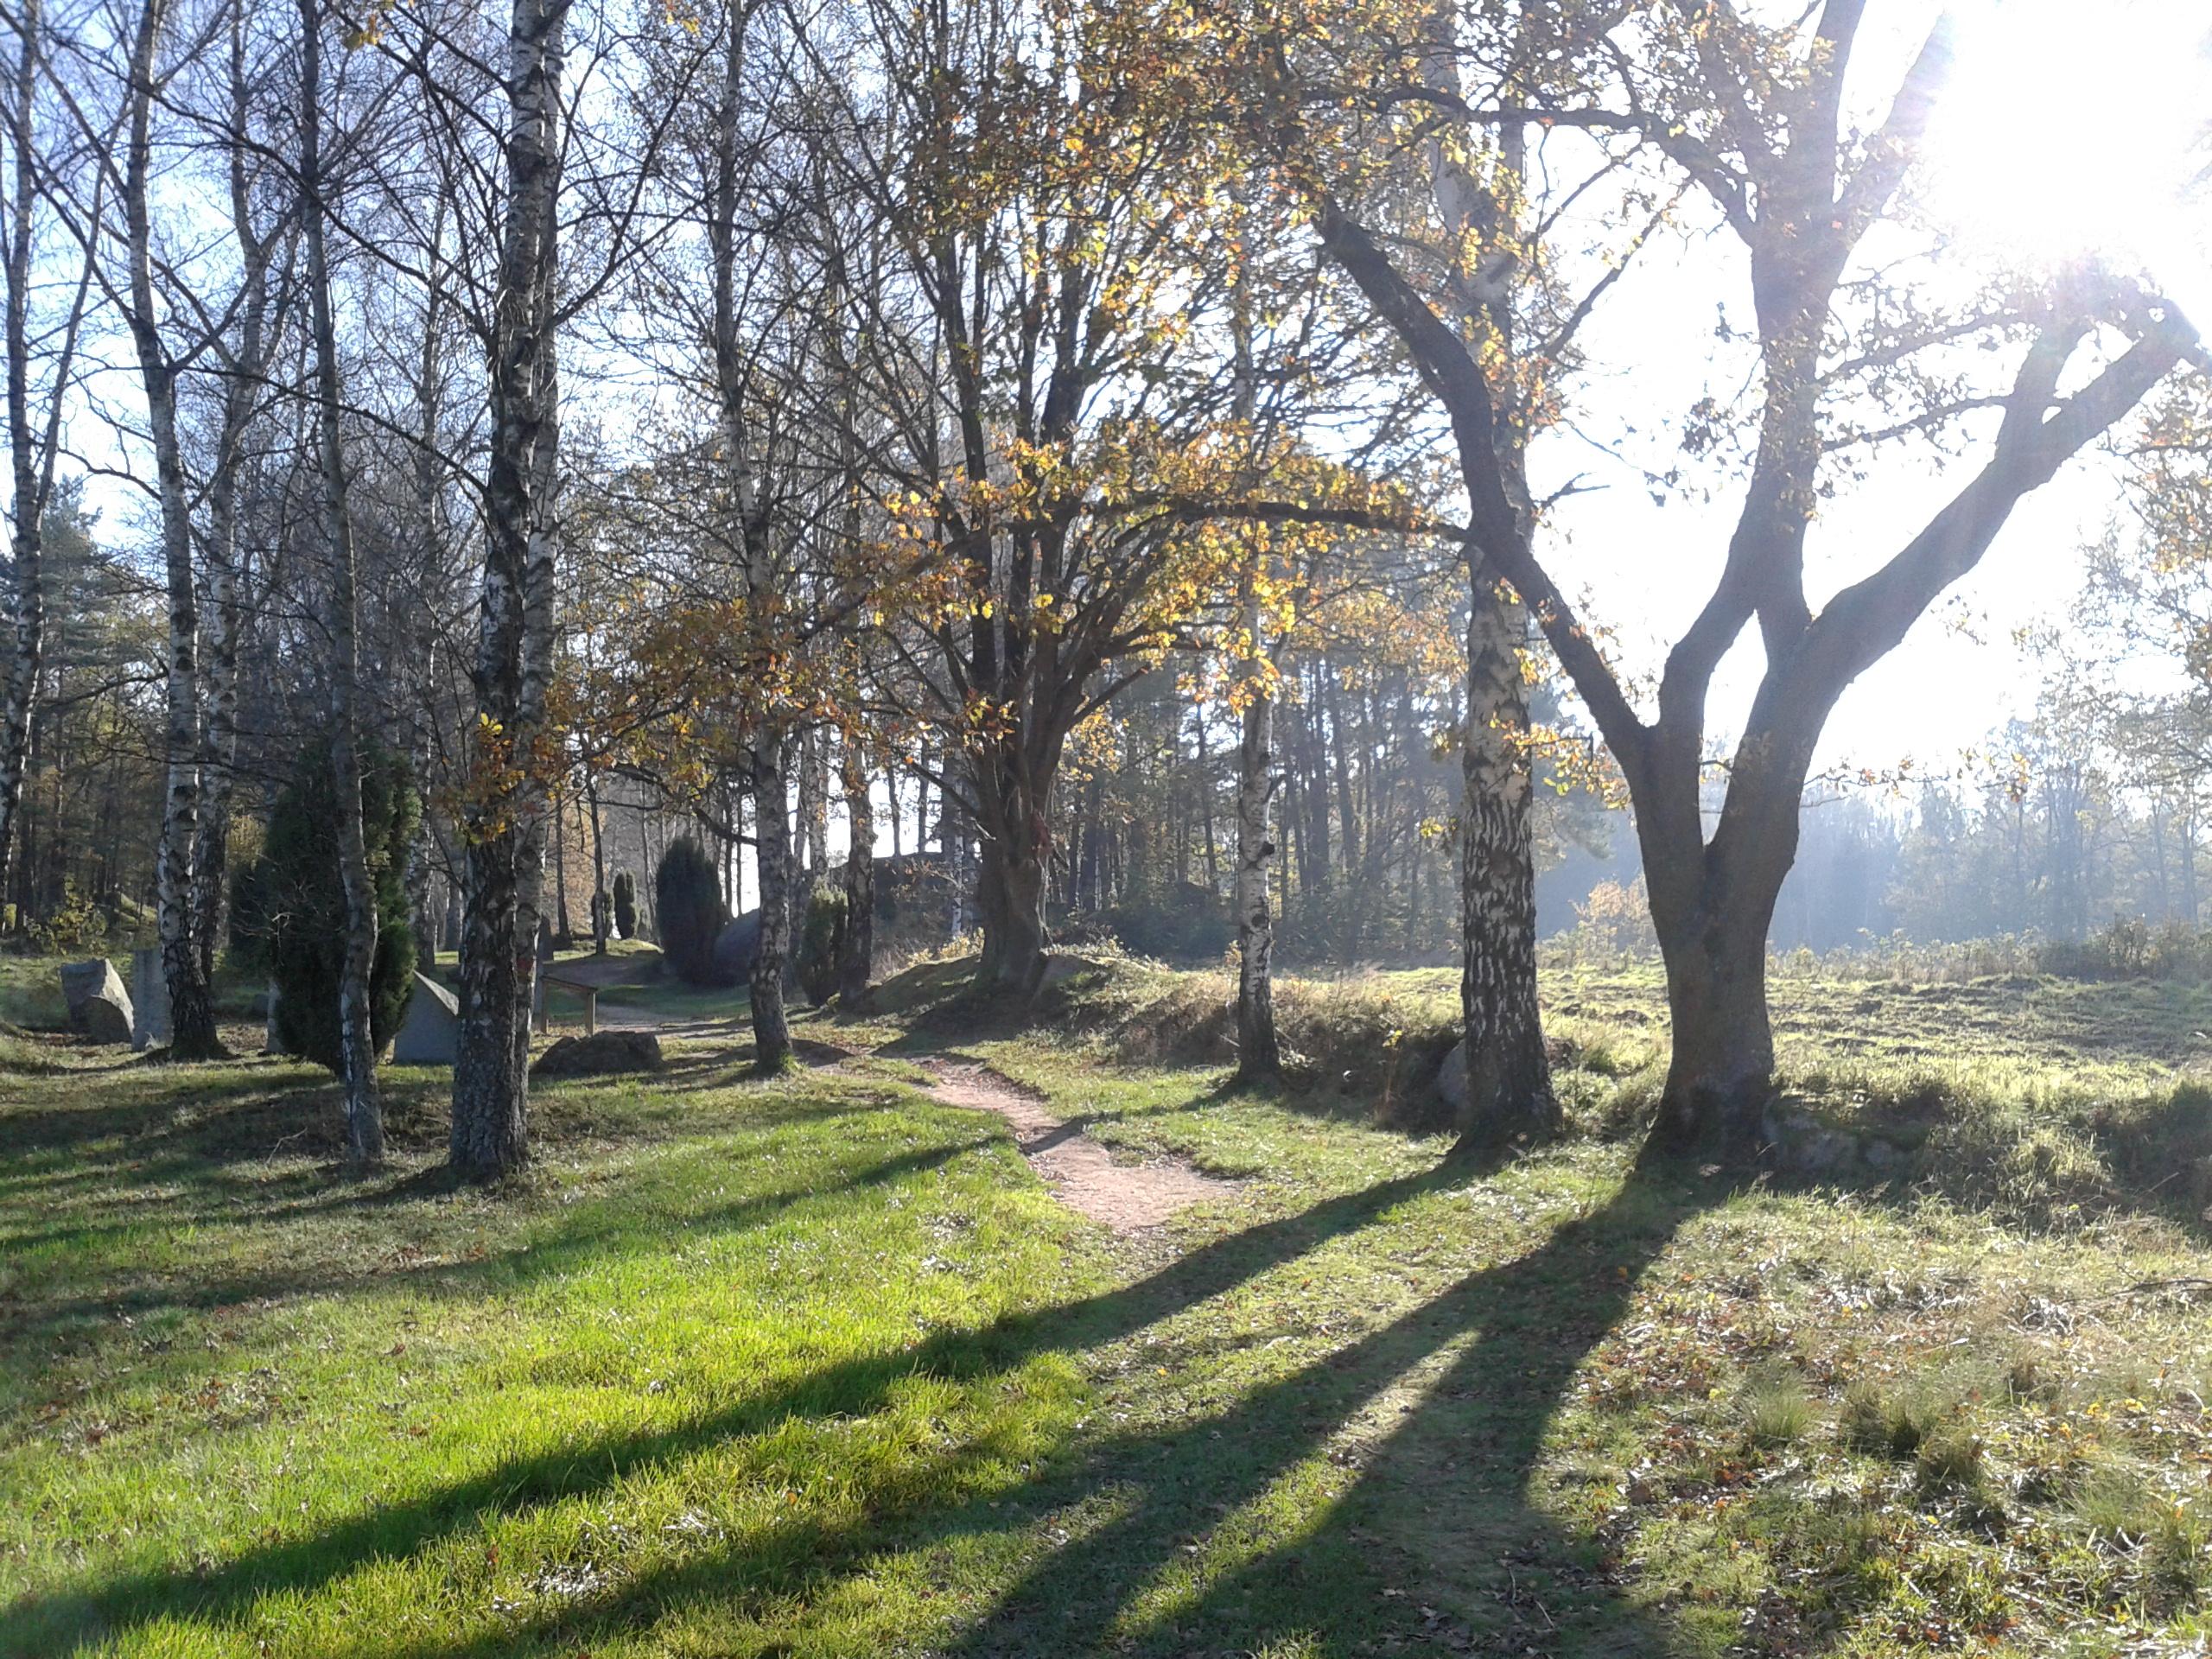 Herbstgedanken zur Entschleunigung